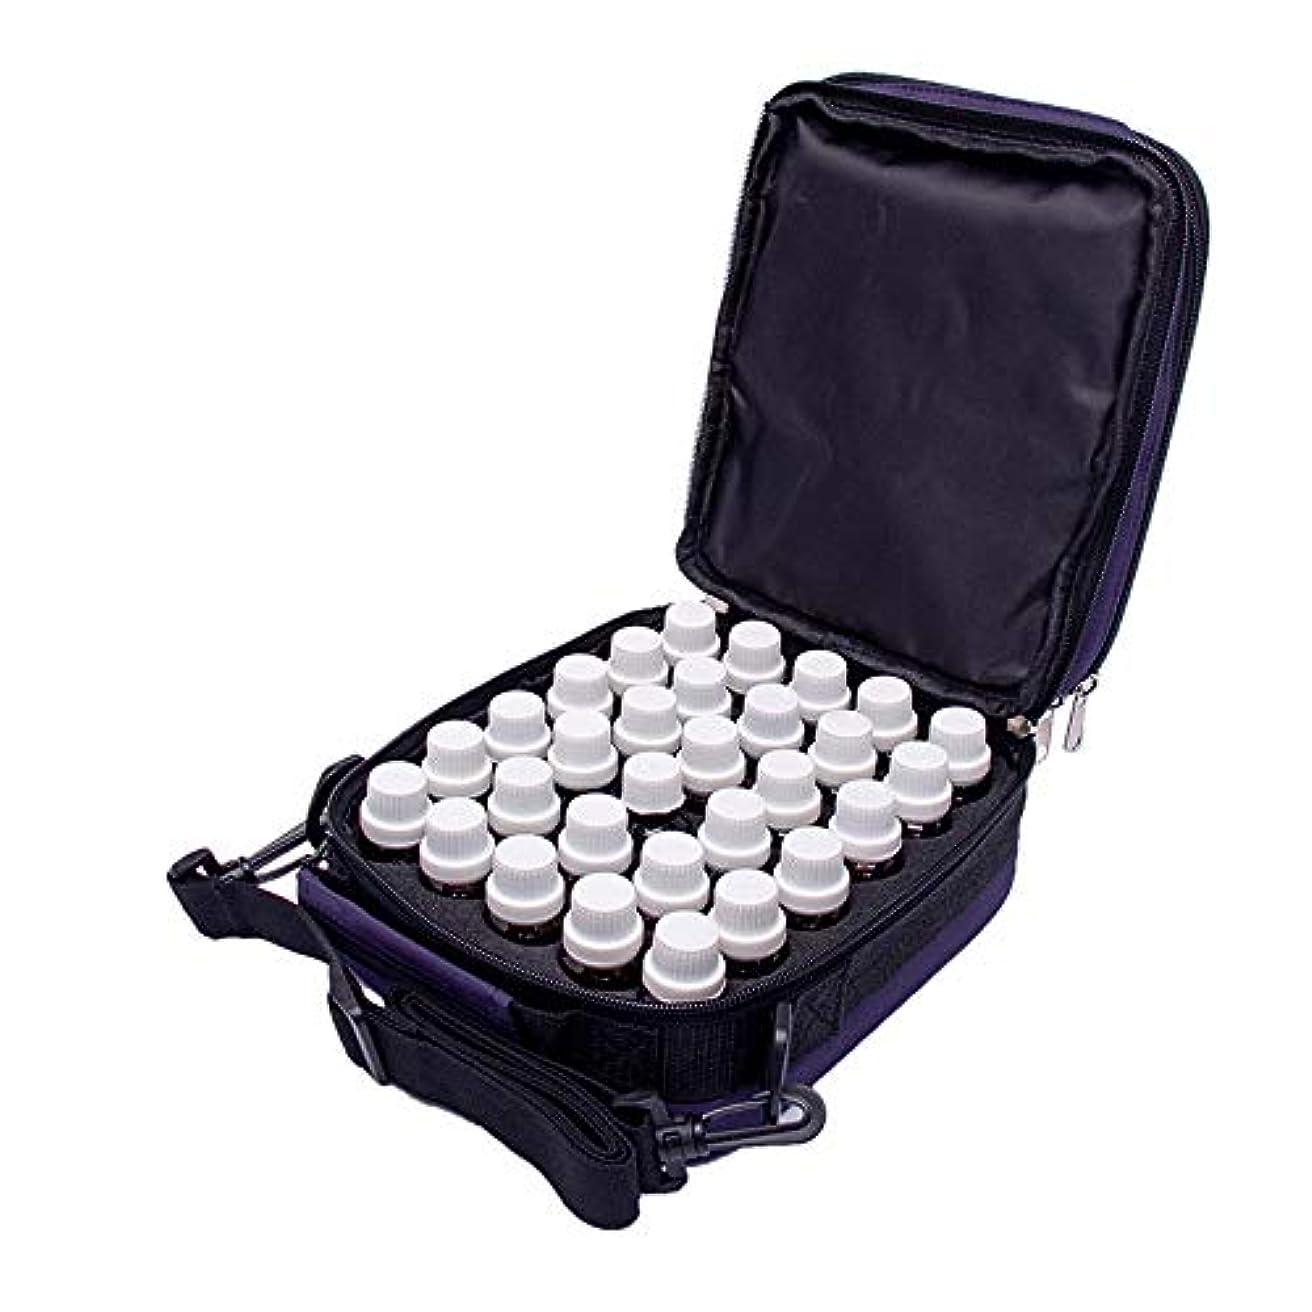 ベイビー旅最も遠い精油ケース 5?10mlのバイアルパープルボトル用ケーストートバッグキャリング42ボトルエッセンシャルオイルディフューザー 携帯便利 (色 : 紫の, サイズ : 18X13X21CM)